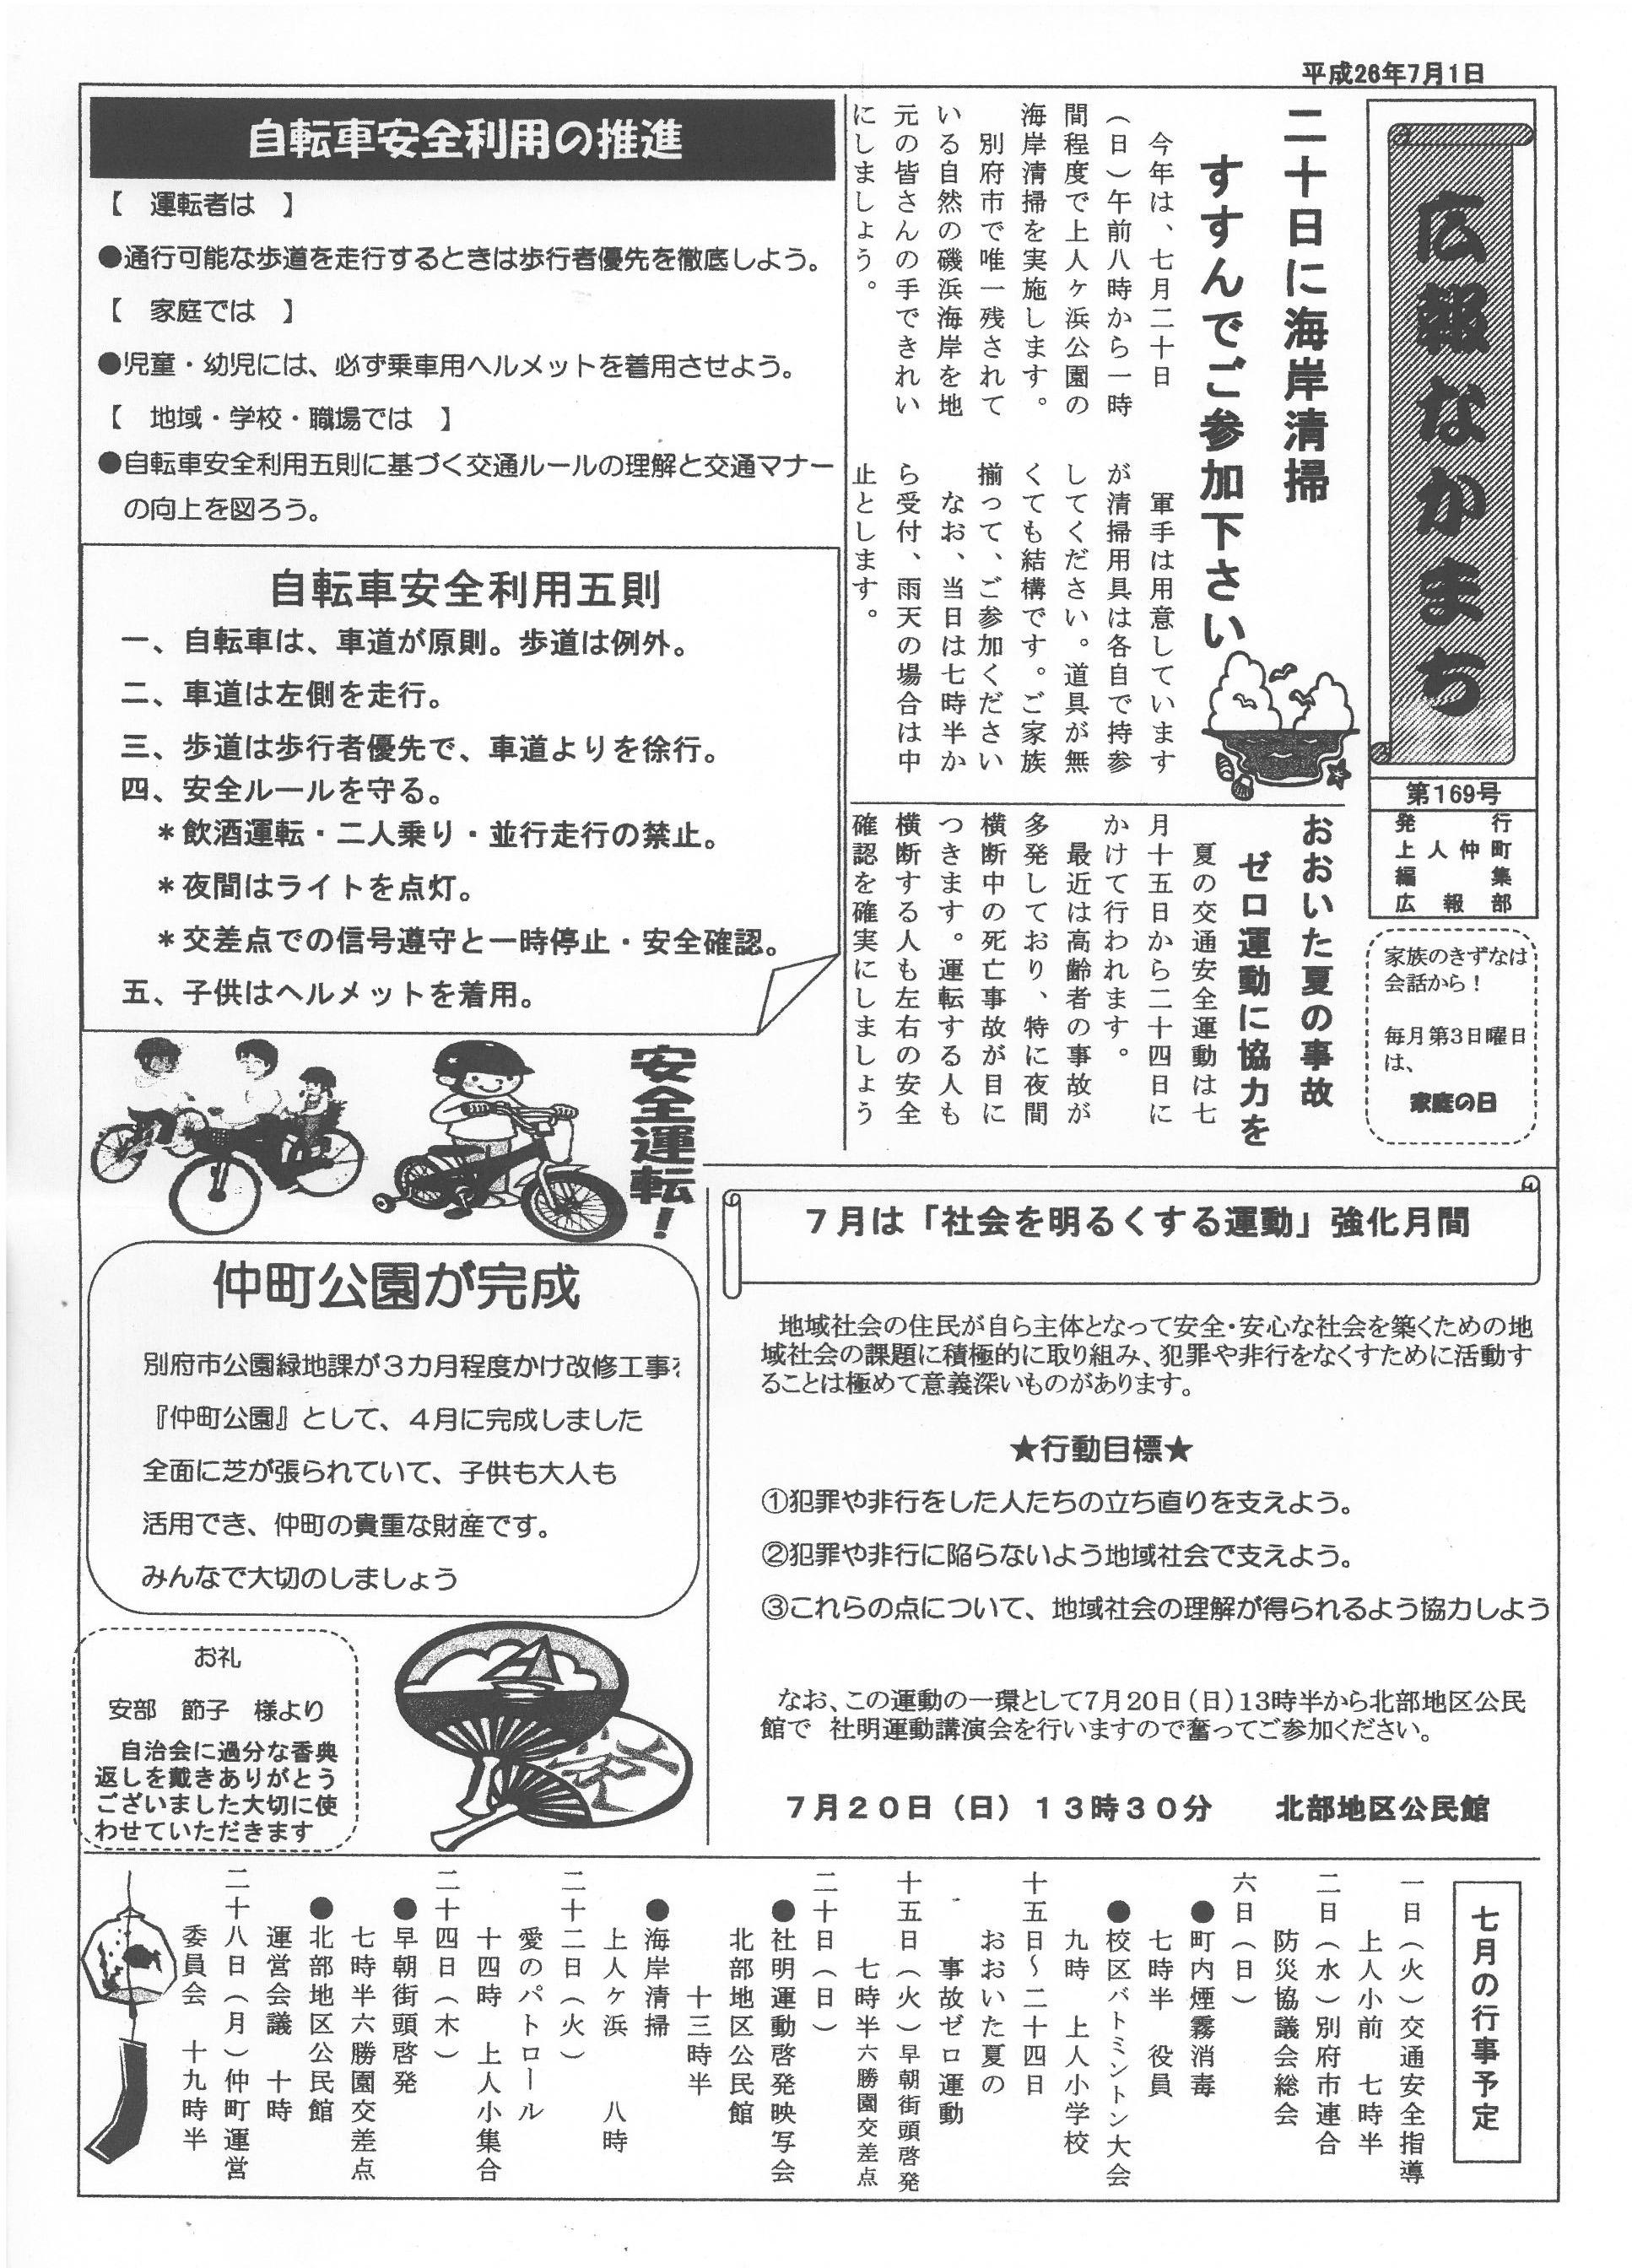 kohonakamachi2014_07